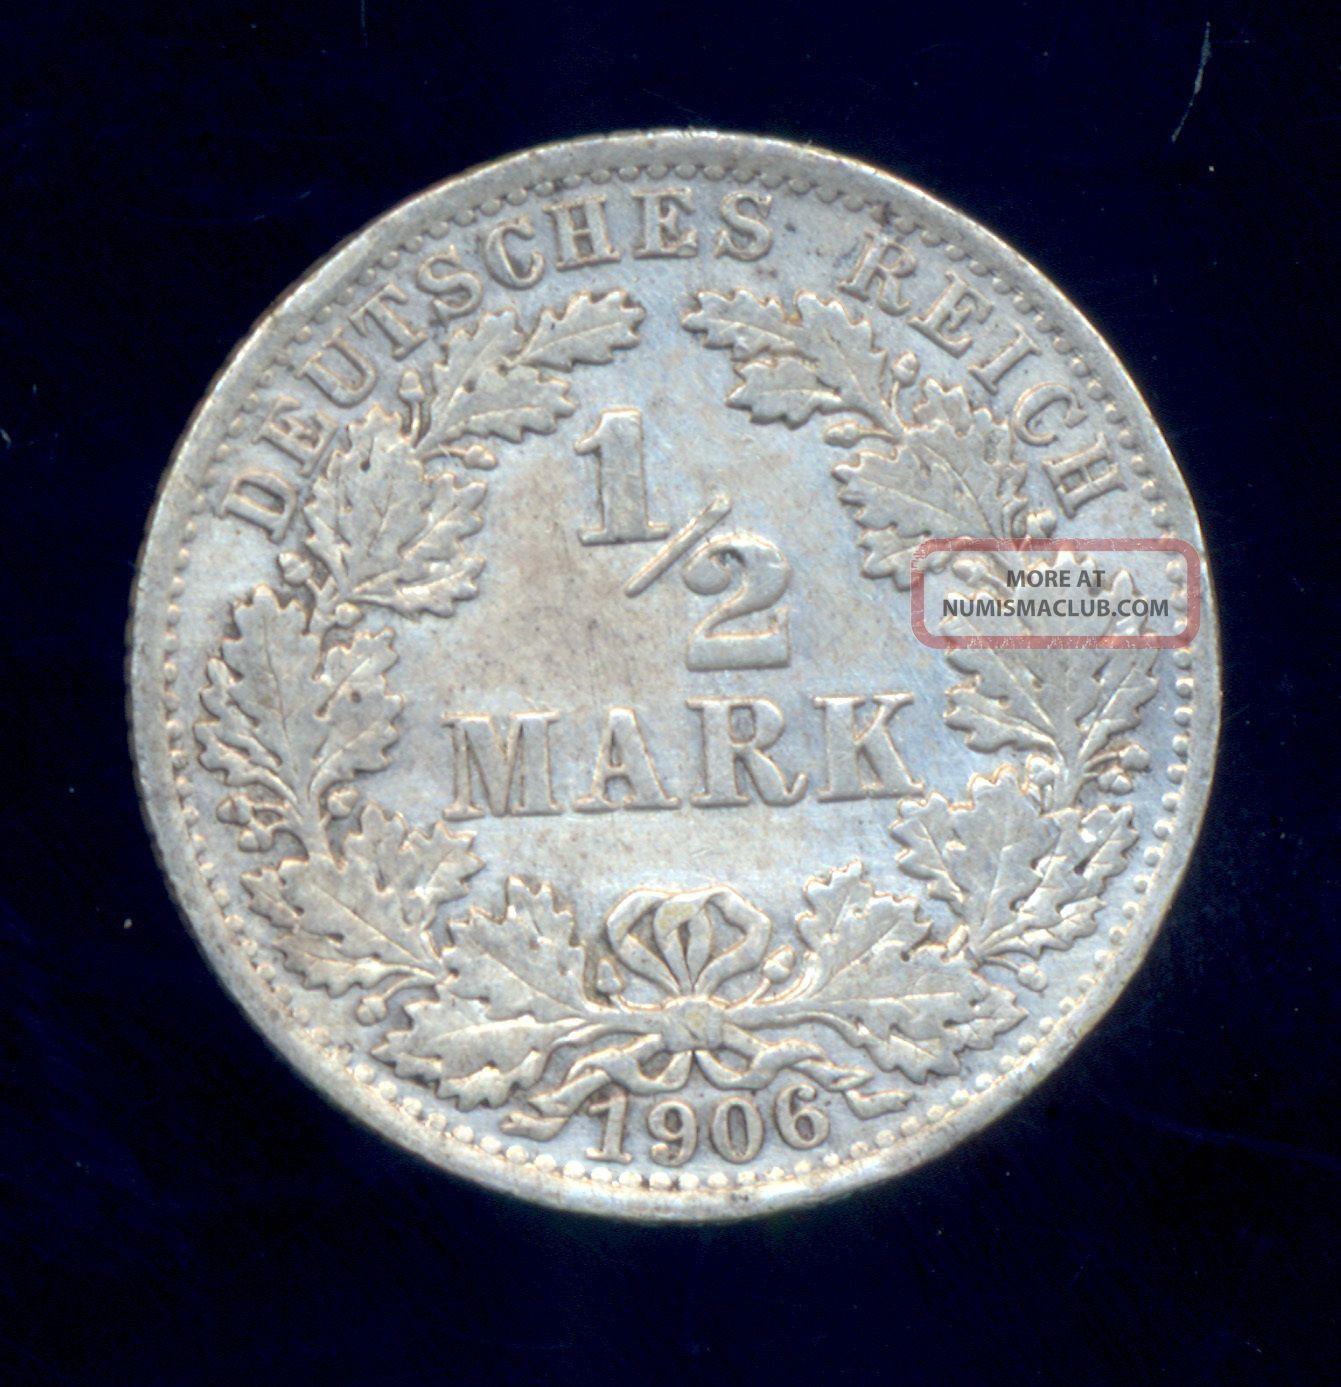 Germany Empire Silver Xf 1/2 Mark 1906 Germany photo